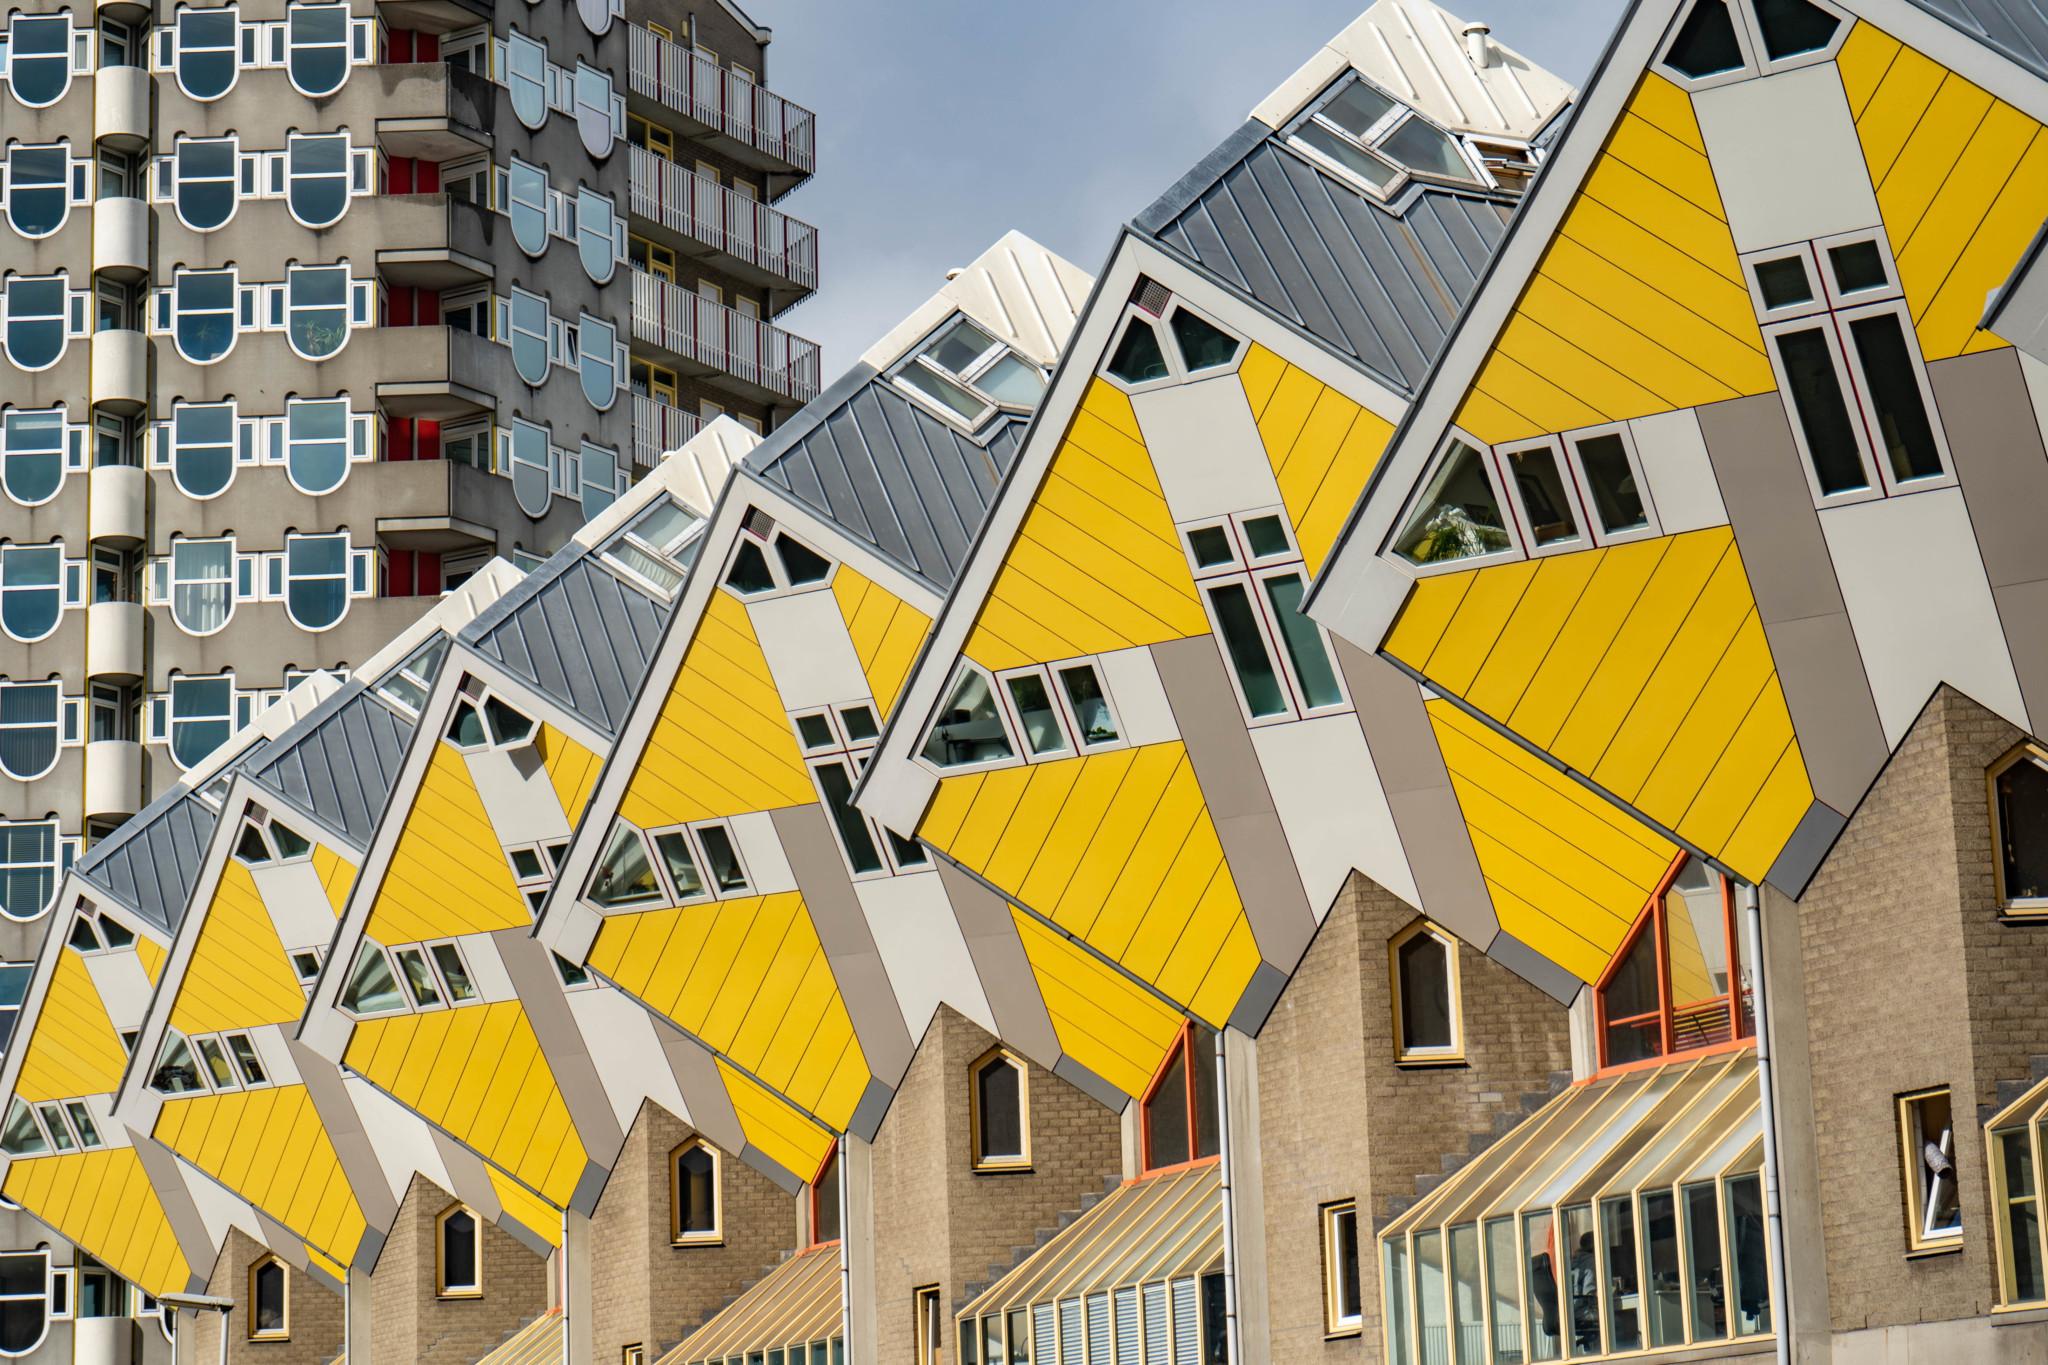 Die Kubushäuser machen Rotterdam zu einer der alternativen Städte in Holland